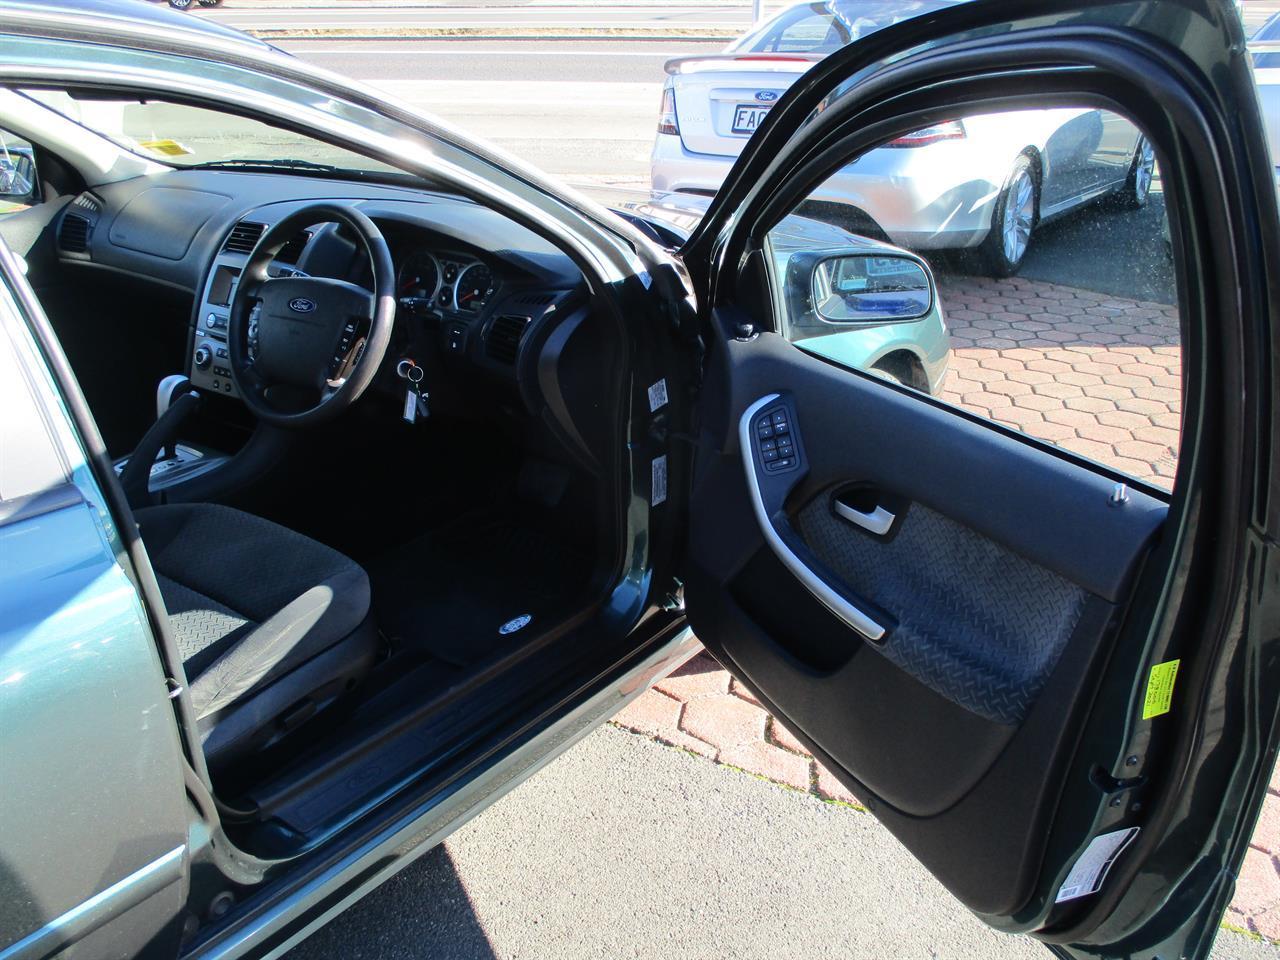 image-15, 2006 Ford Falcon BF FUTURA 4FA at Dunedin